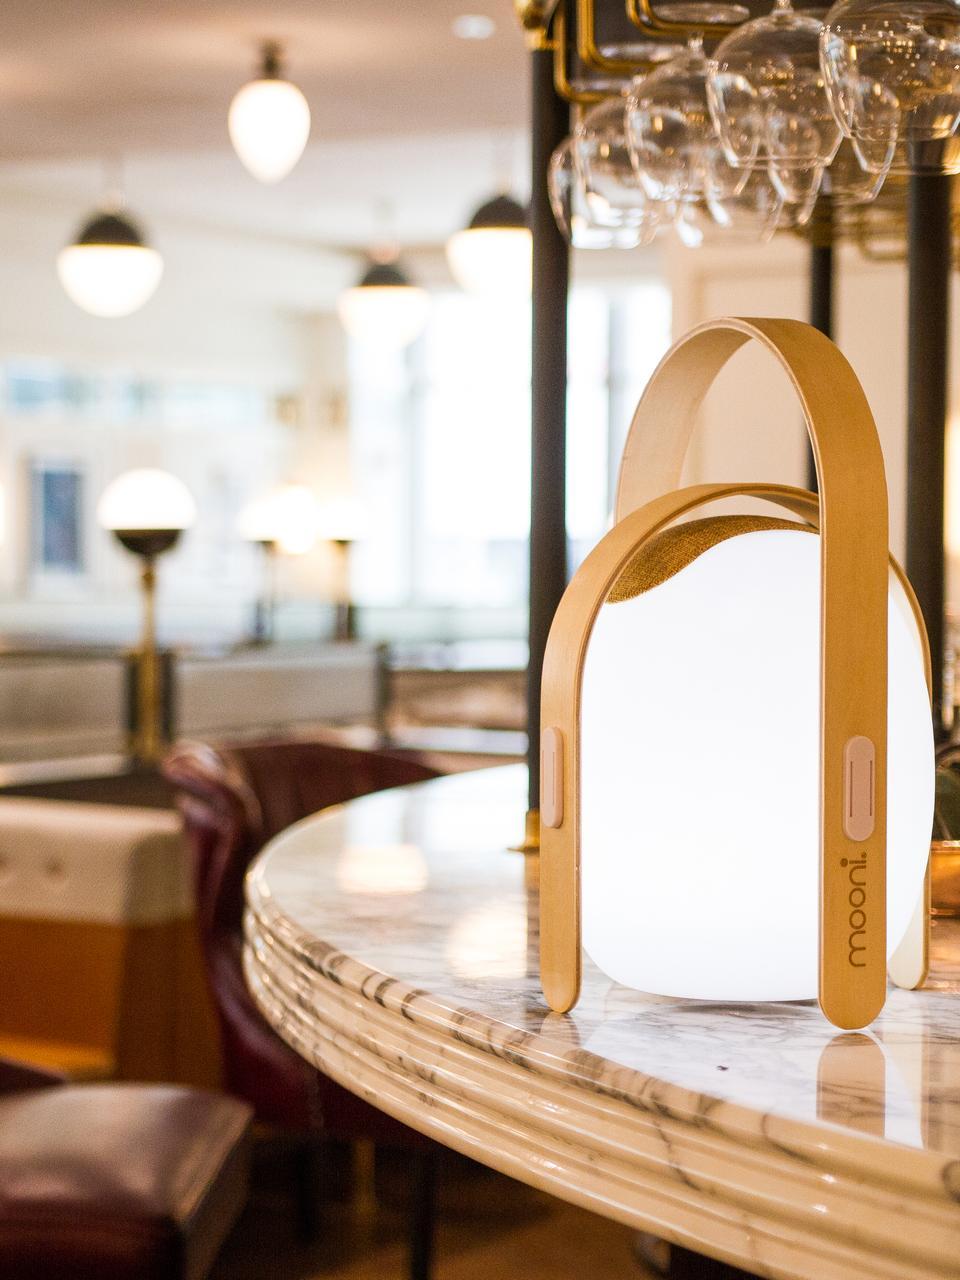 Zewnętrzna mobilna lampa LED z głośnikiem Ovo, Stelaż: drewno wiązowe z fornirem, Biały, jasny brązowy, Ø 32 x W 50 cm